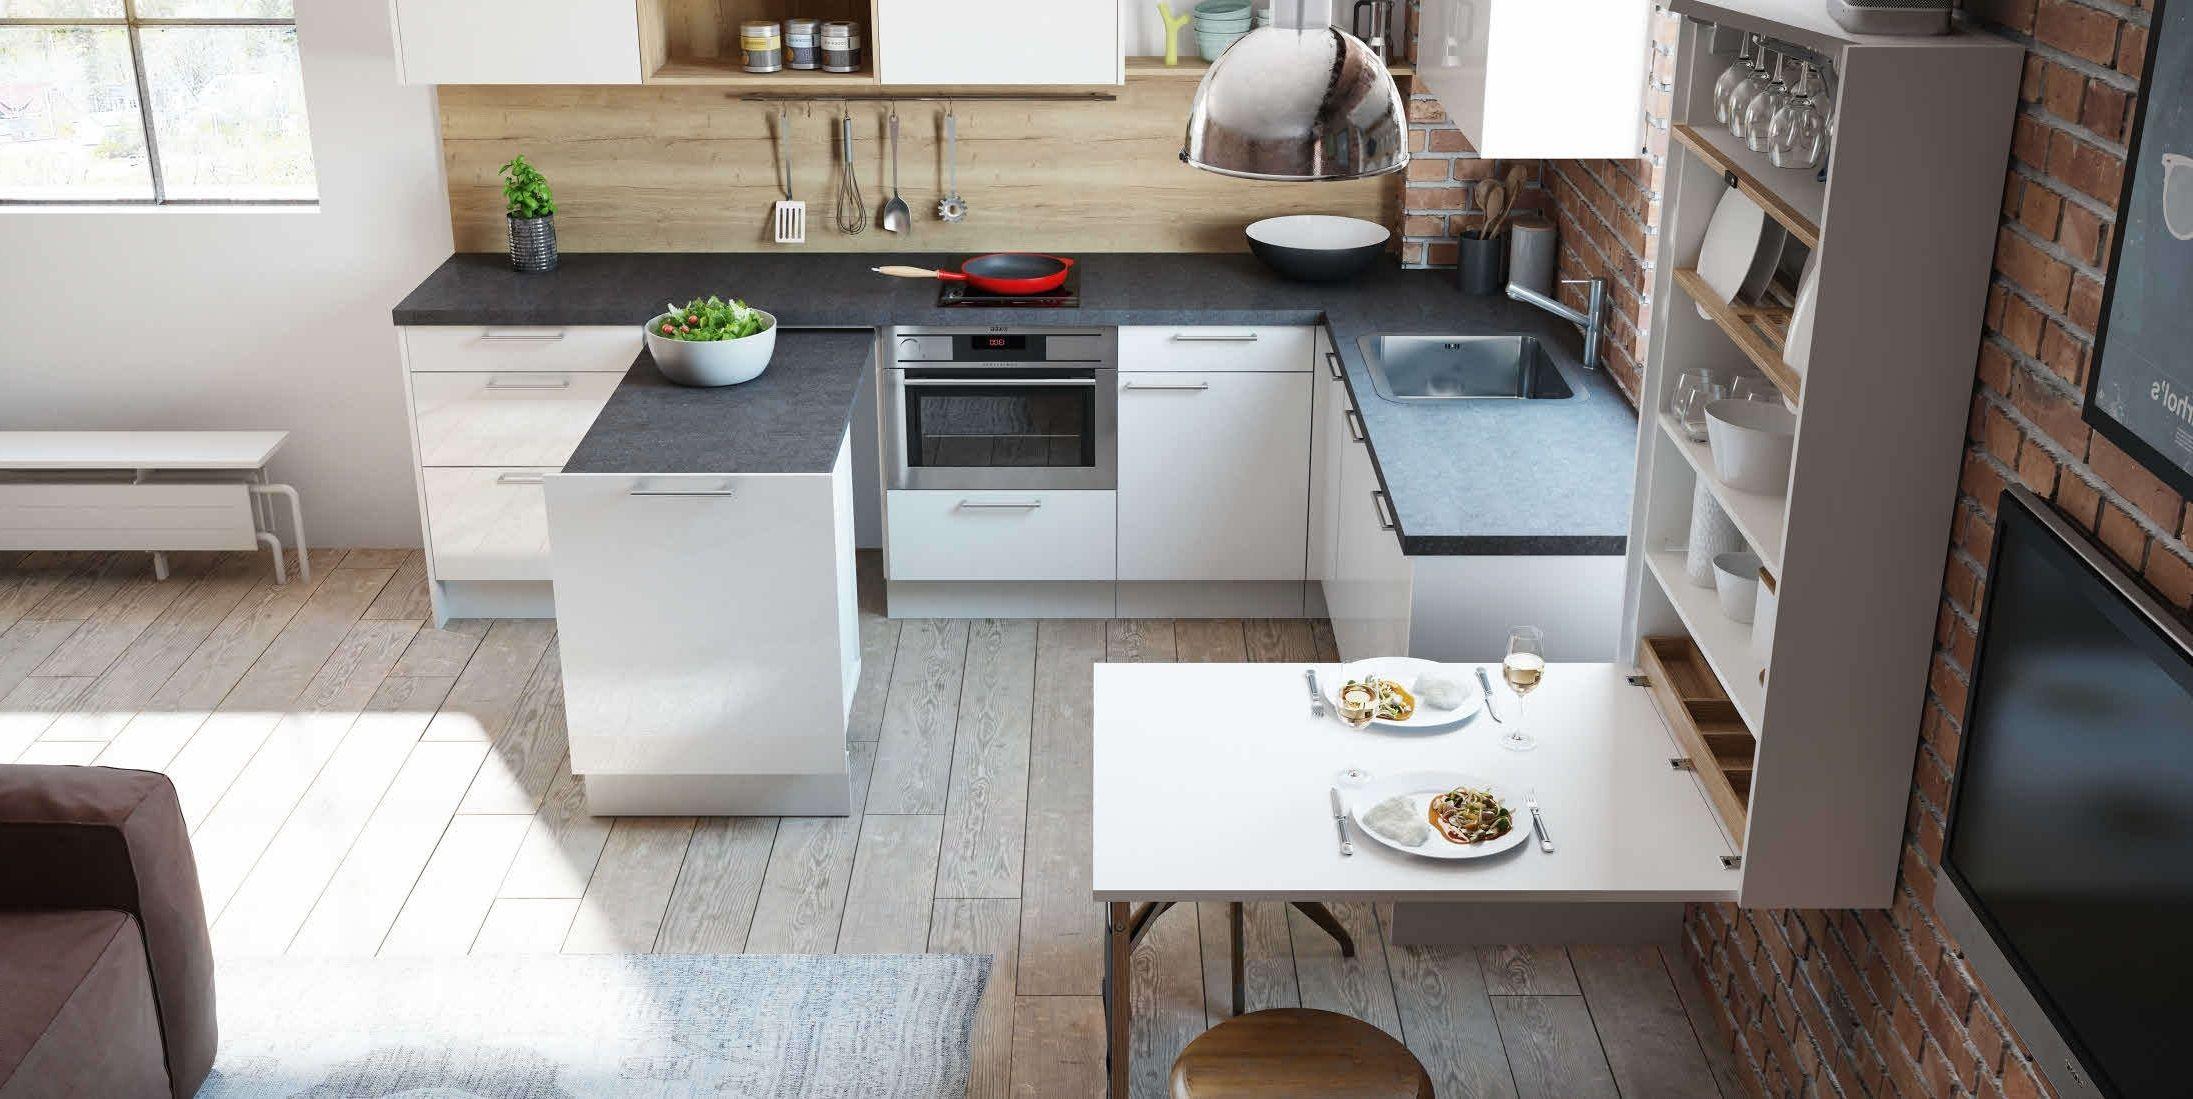 Kleiner Quadratischer Küchentisch Runder Esstisch Esstisch